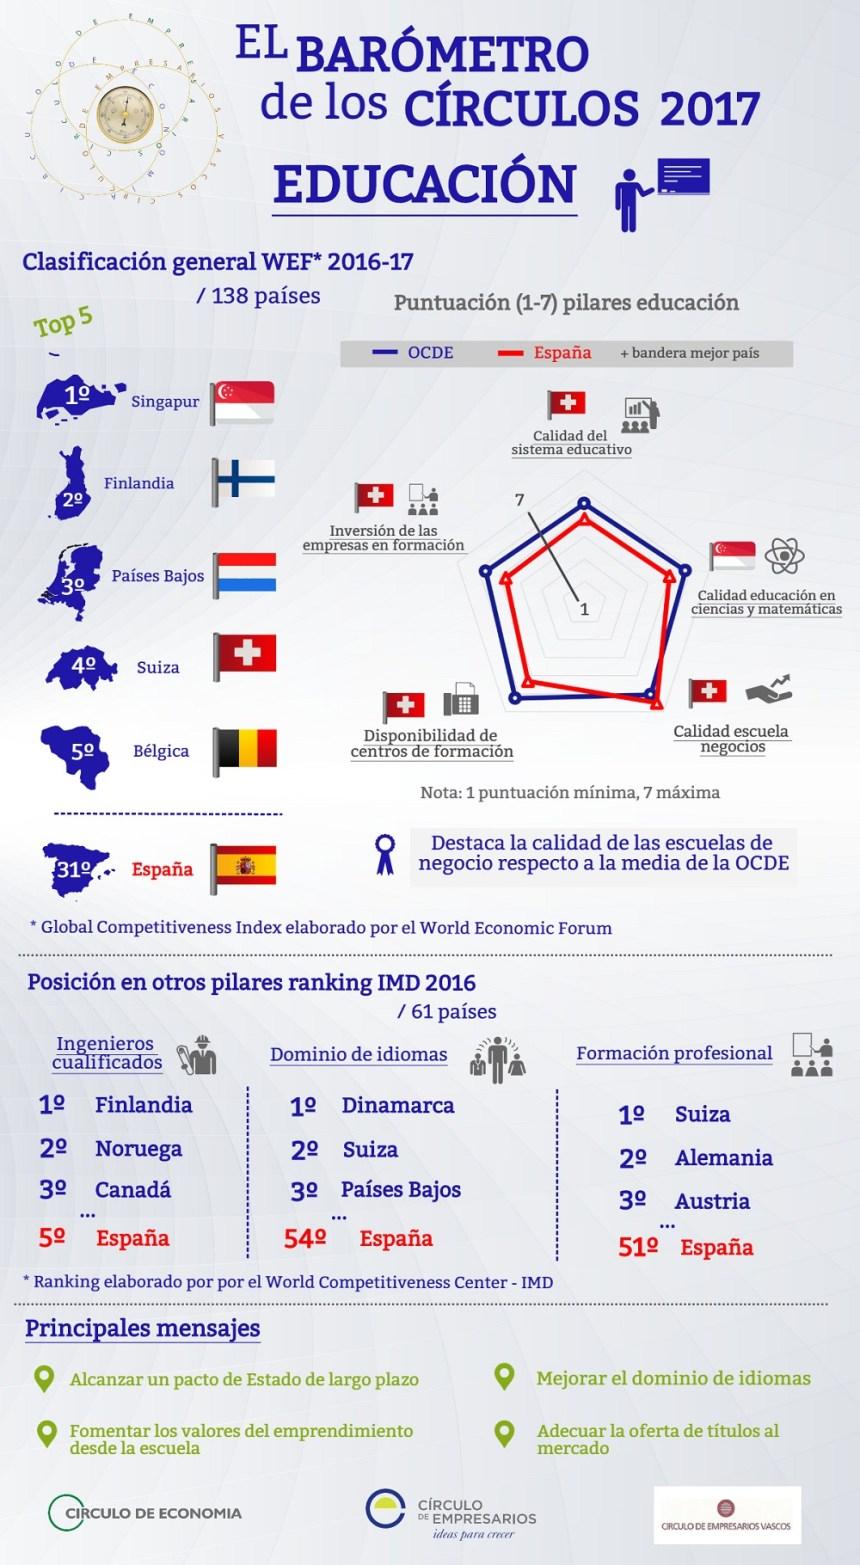 La Educación en España según el World Economic Forum